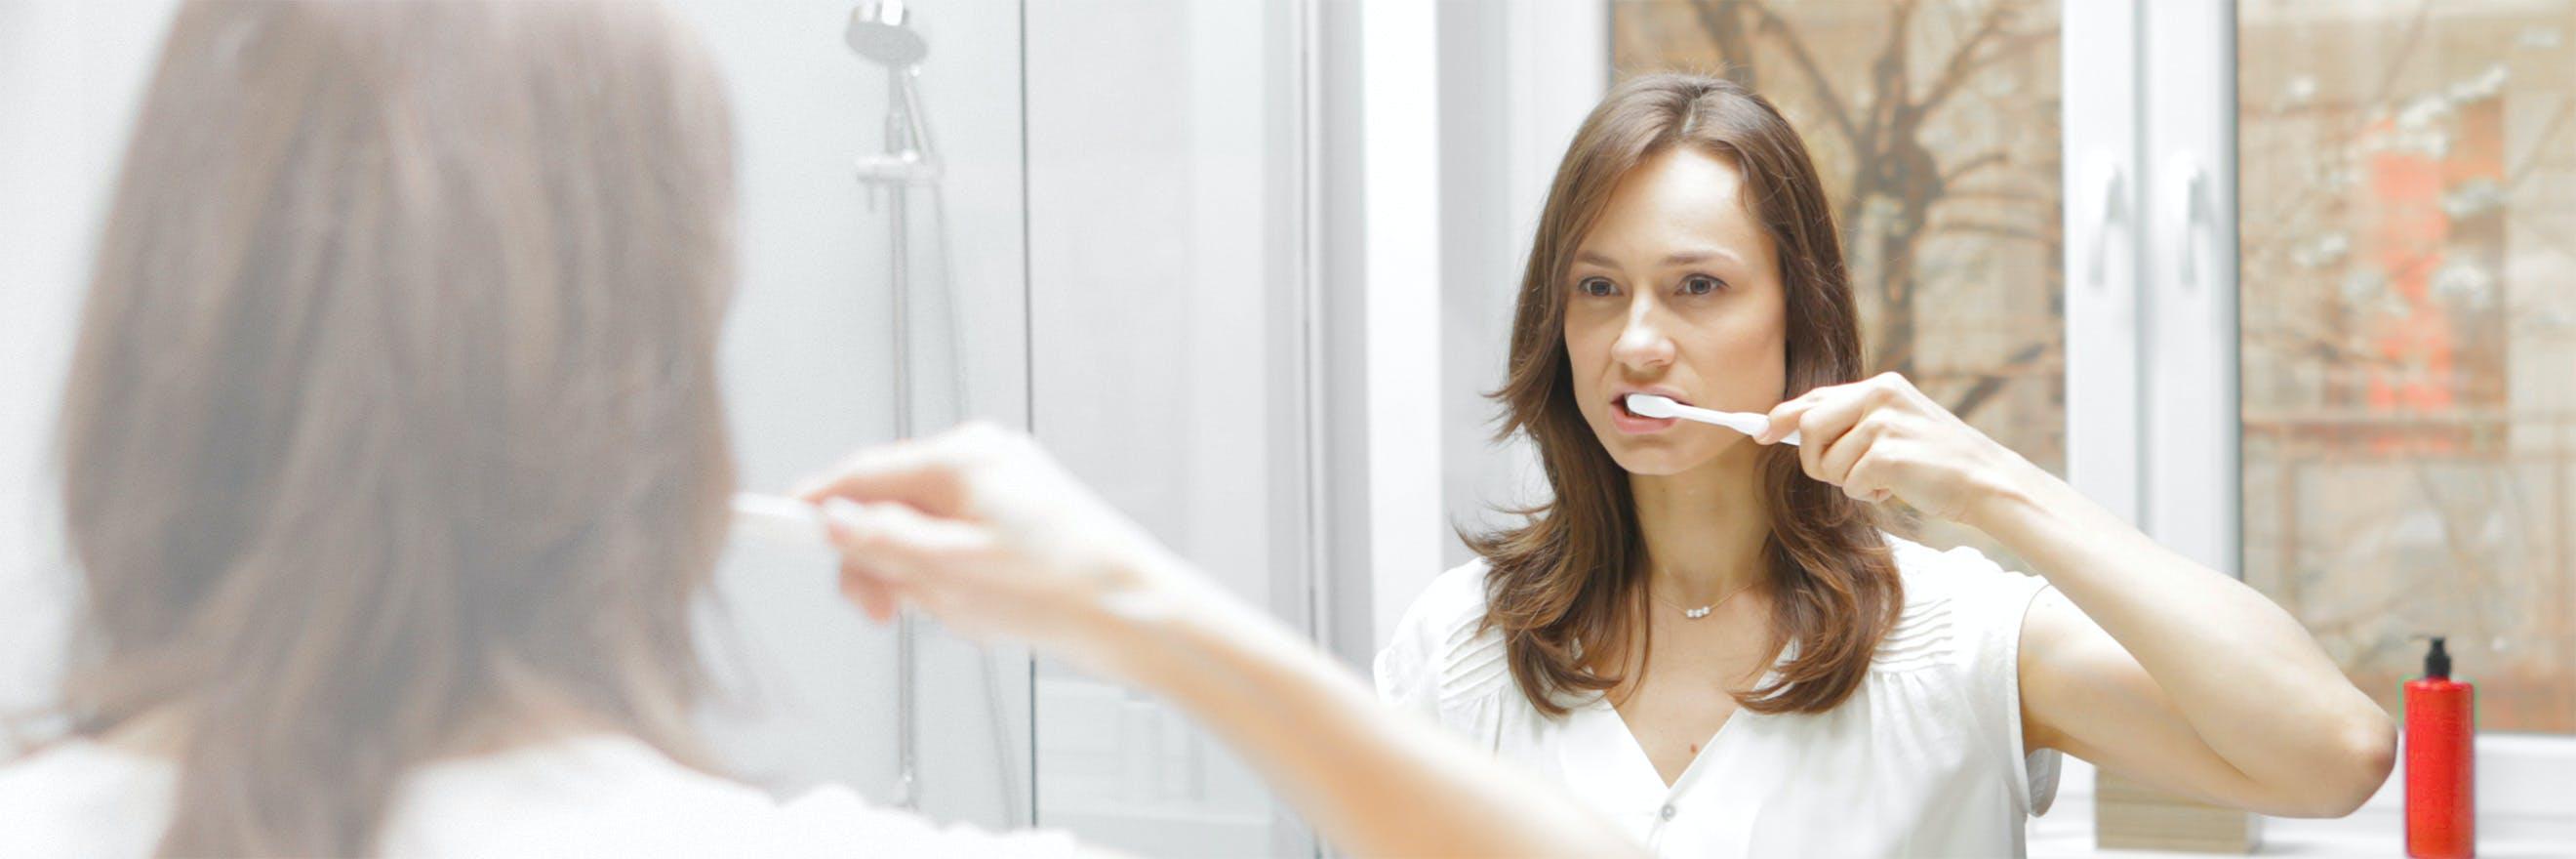 Frau beim Zähneputzen